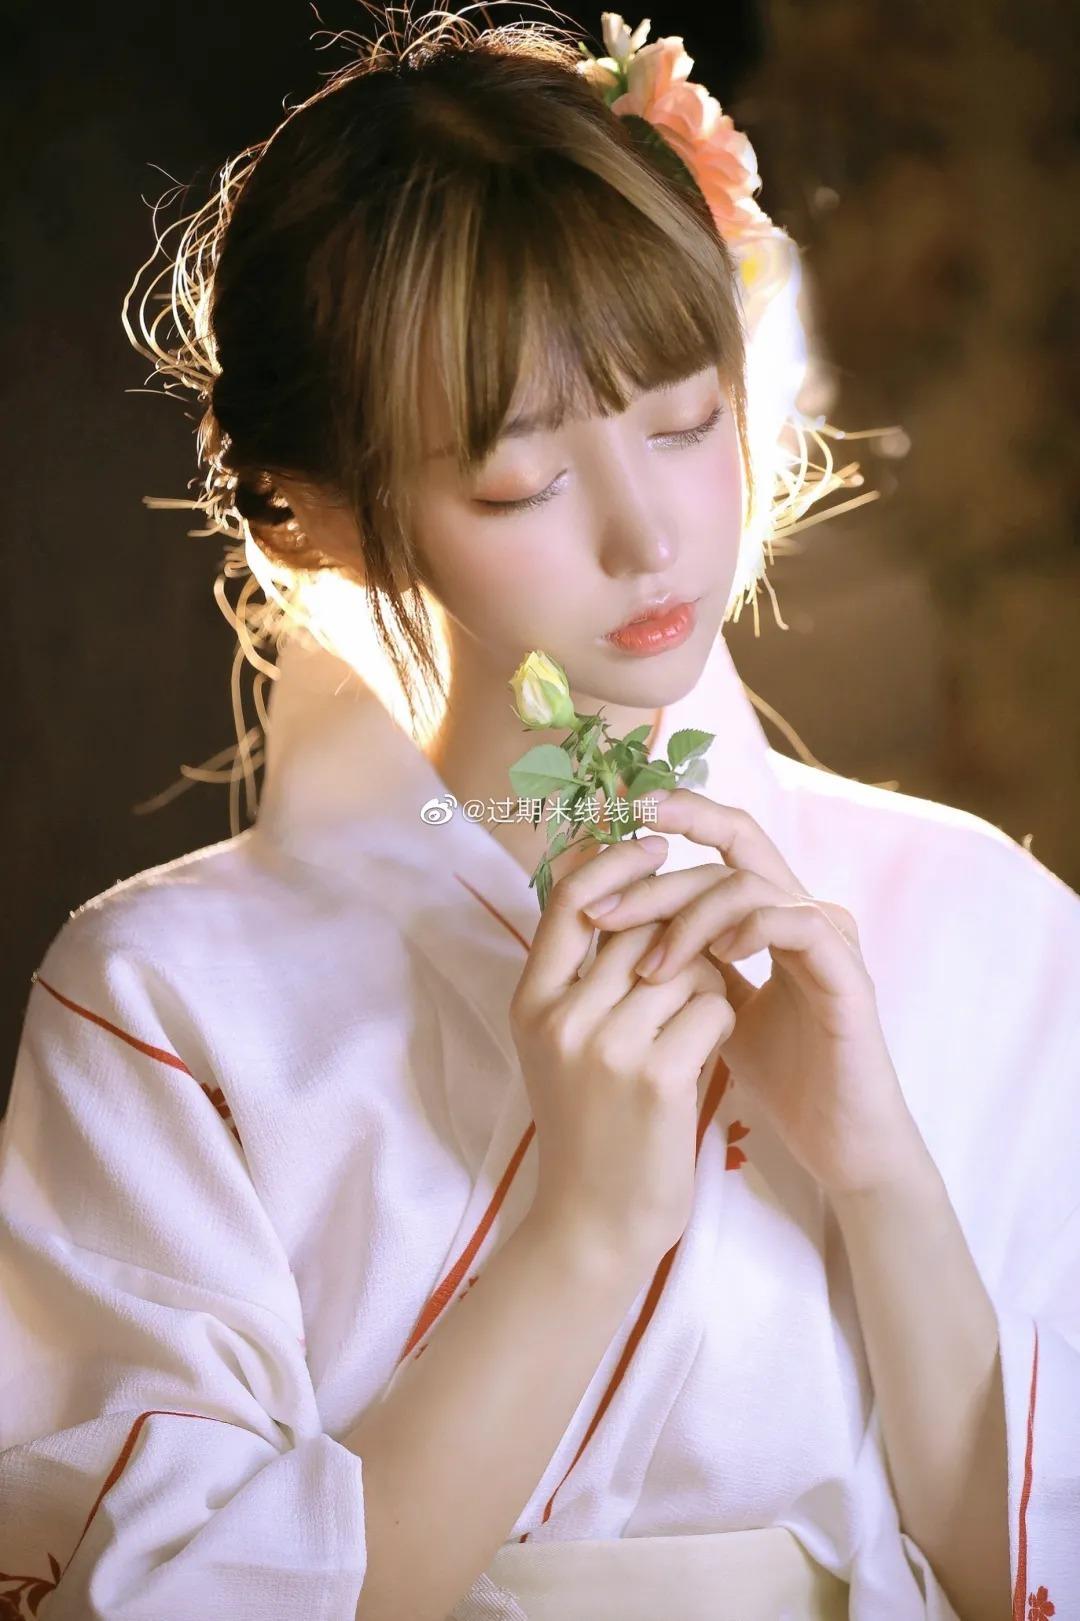 人气coser过期米线线喵(米线线SAMA)绝对的秀色可餐清纯美少女 (2)